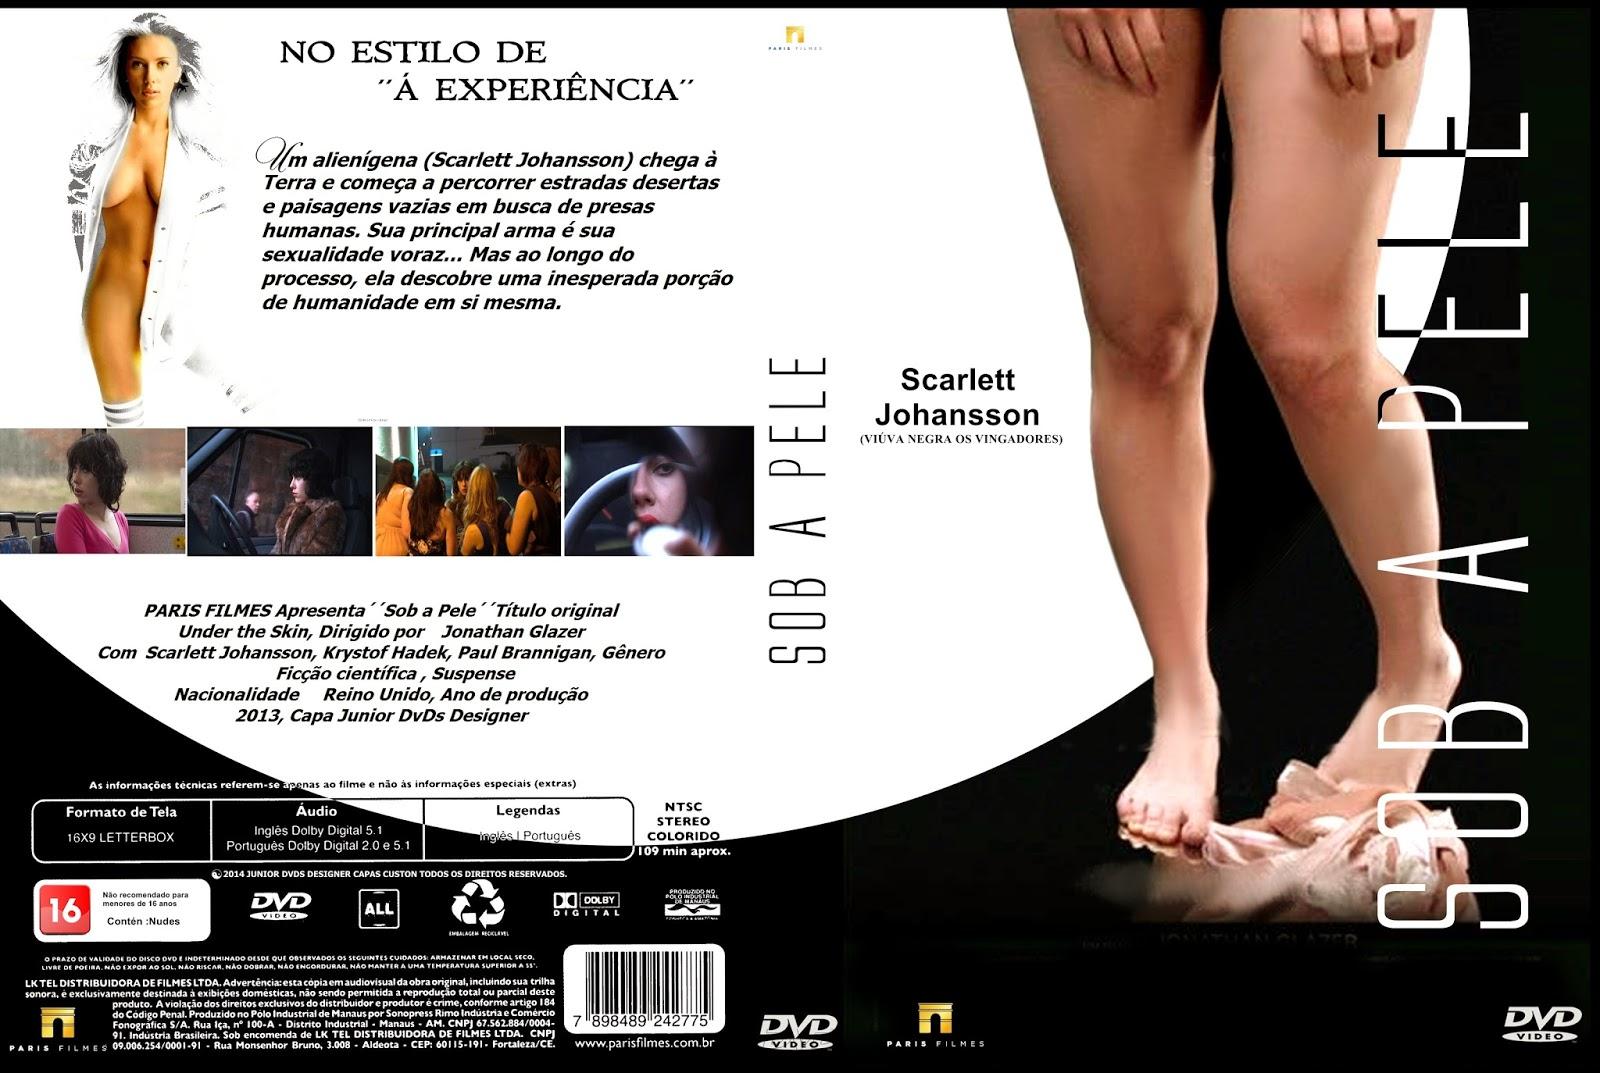 http://2.bp.blogspot.com/-wcJ54rsmTF0/U3bXKZxhDbI/AAAAAAAAFhc/Sku6q_BHzqU/s1600/CAPA+DO+FILME+SOB+A+PELE+-+JUNIOR+DVDS+DESIGNER.jpeg